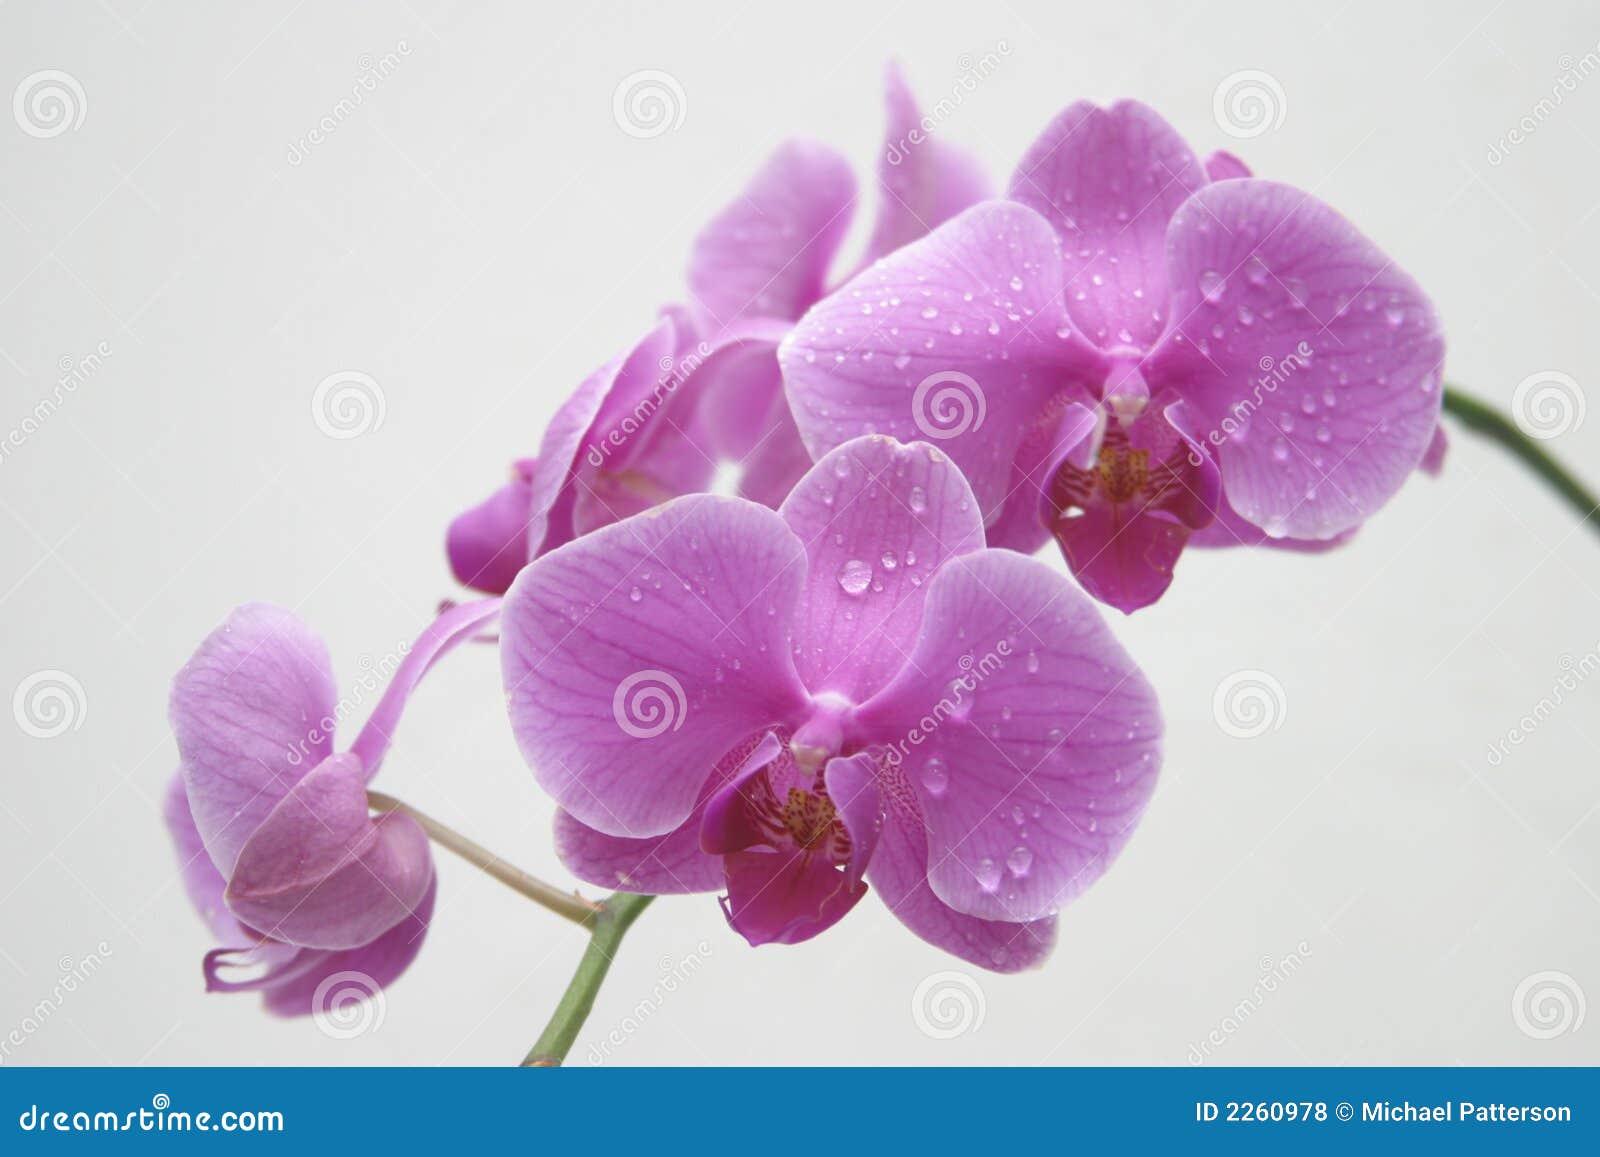 orchidee wasser tropfen lizenzfreie stockfotos bild 2260978. Black Bedroom Furniture Sets. Home Design Ideas